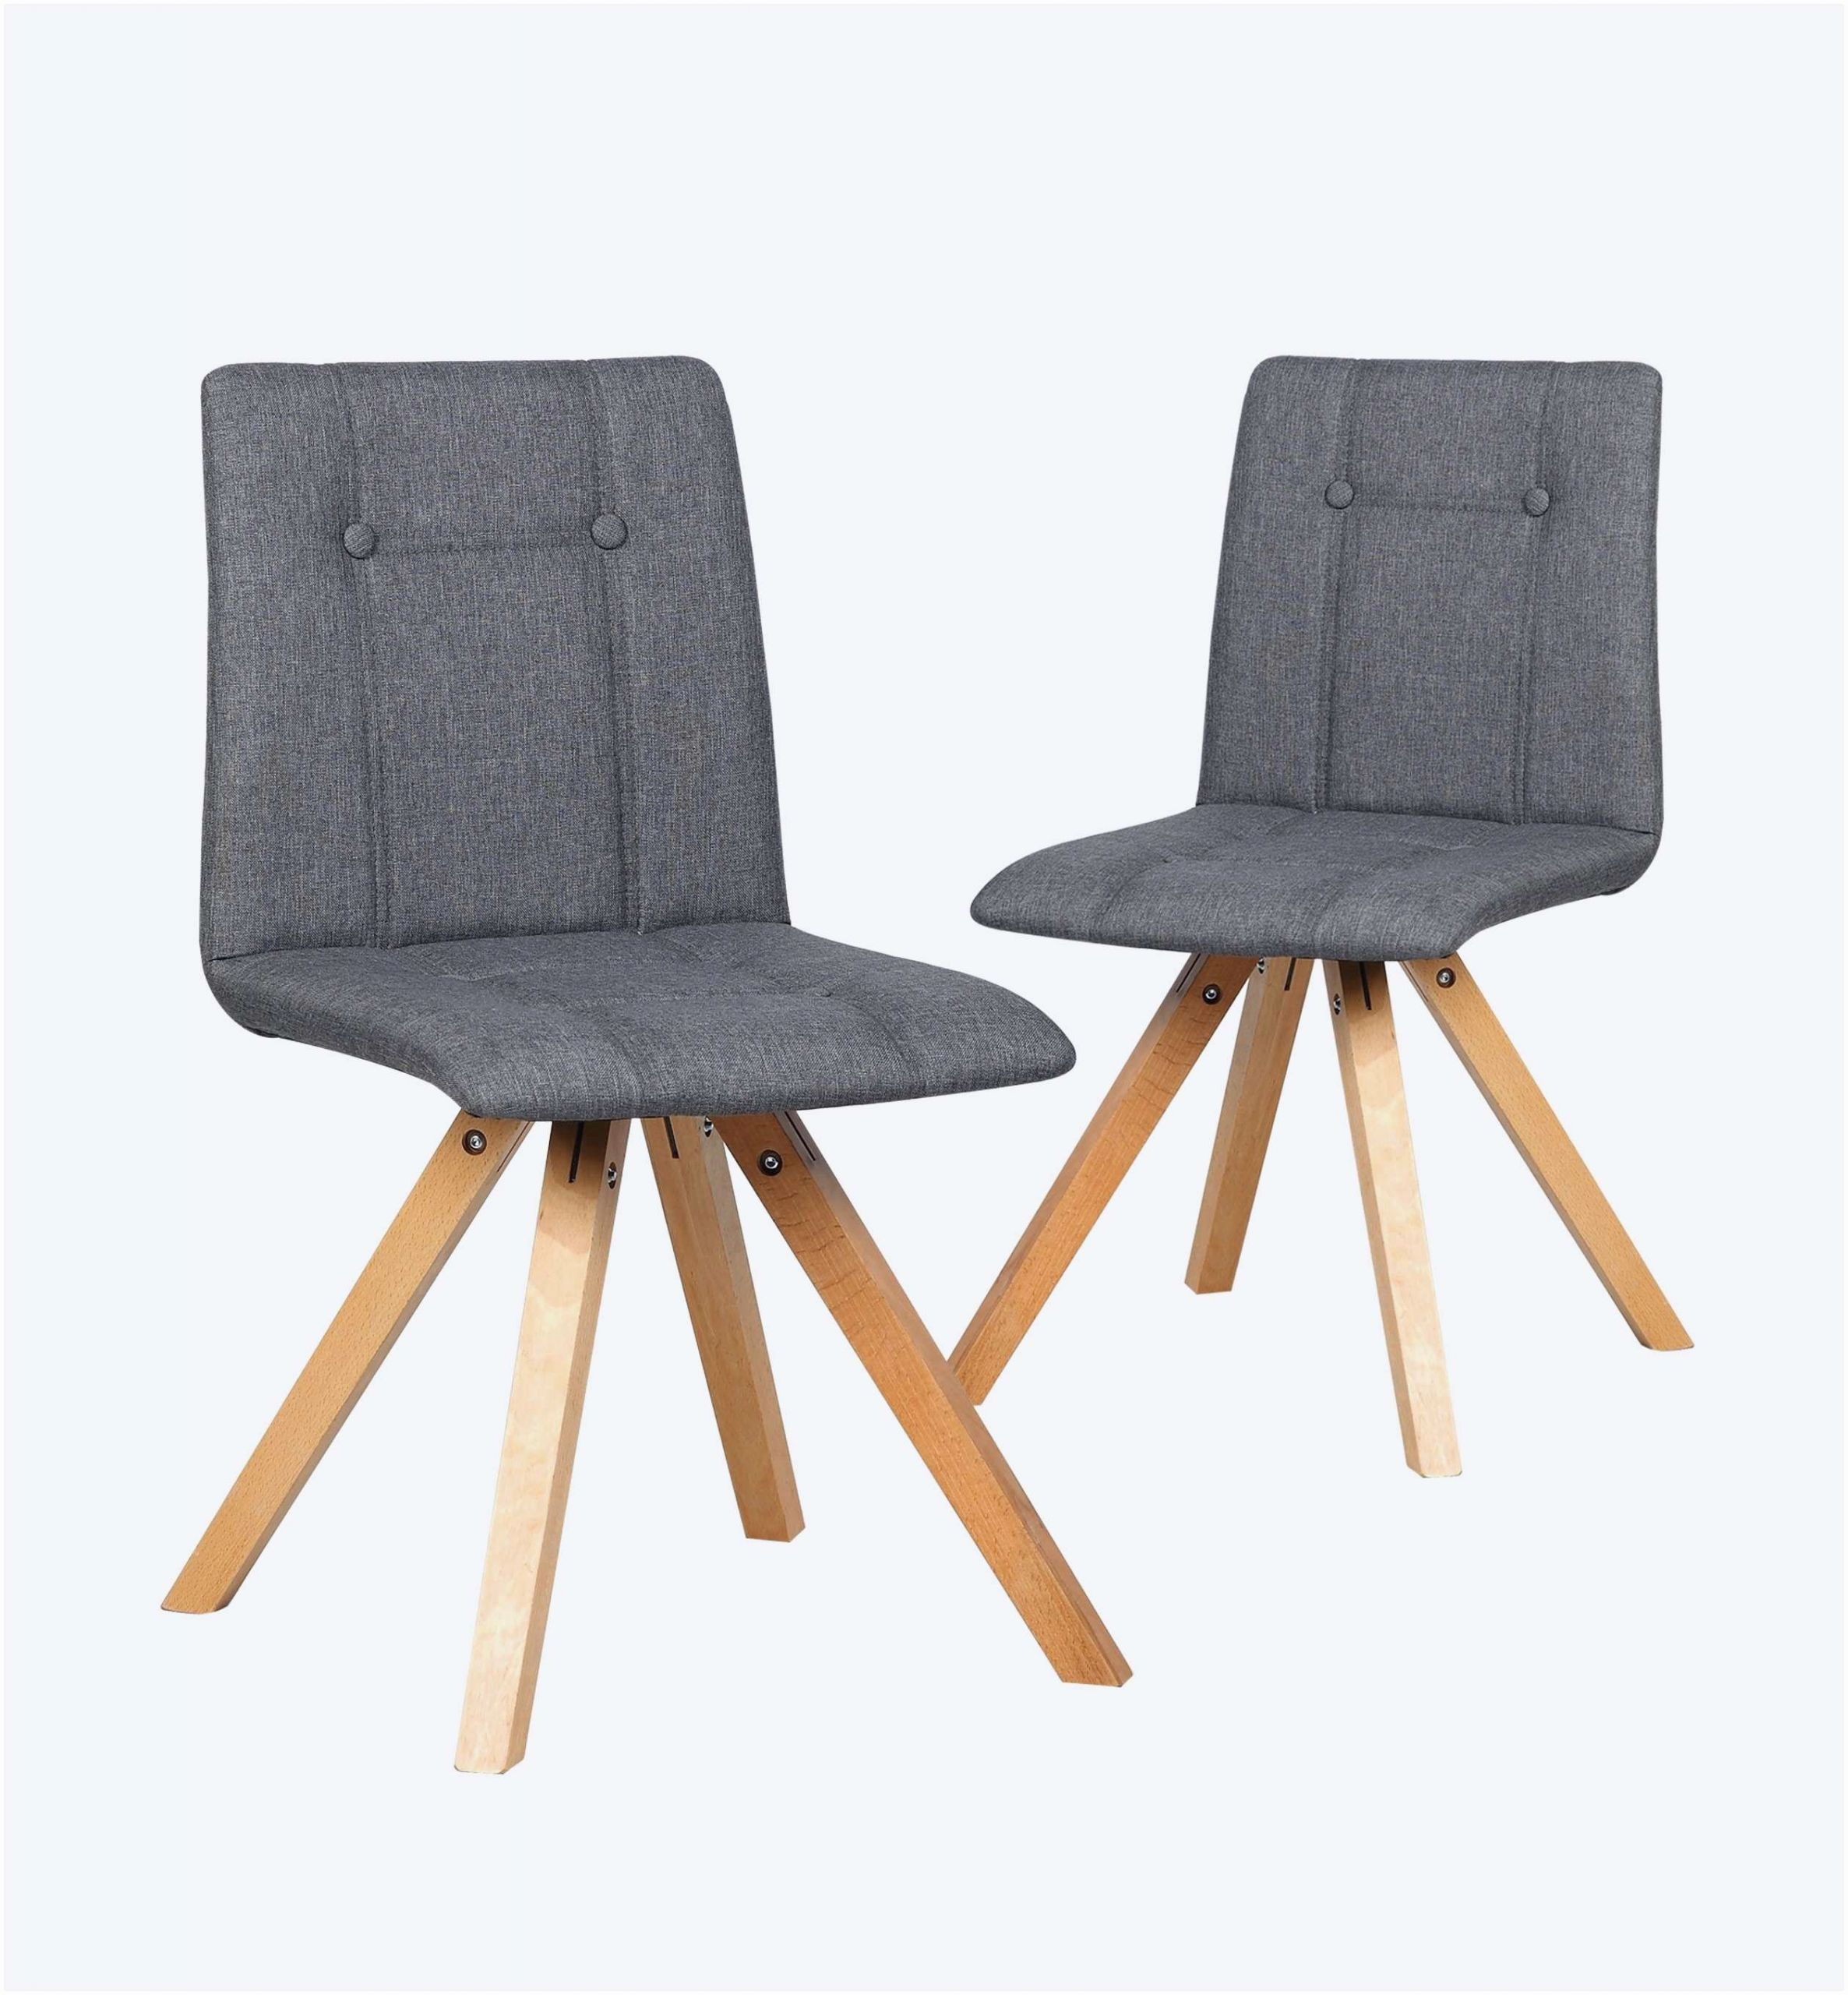 chaise en bois pas cher nouveau de chaise plan de travail scandinave luckytroll de chaise en bois pas cher scaled